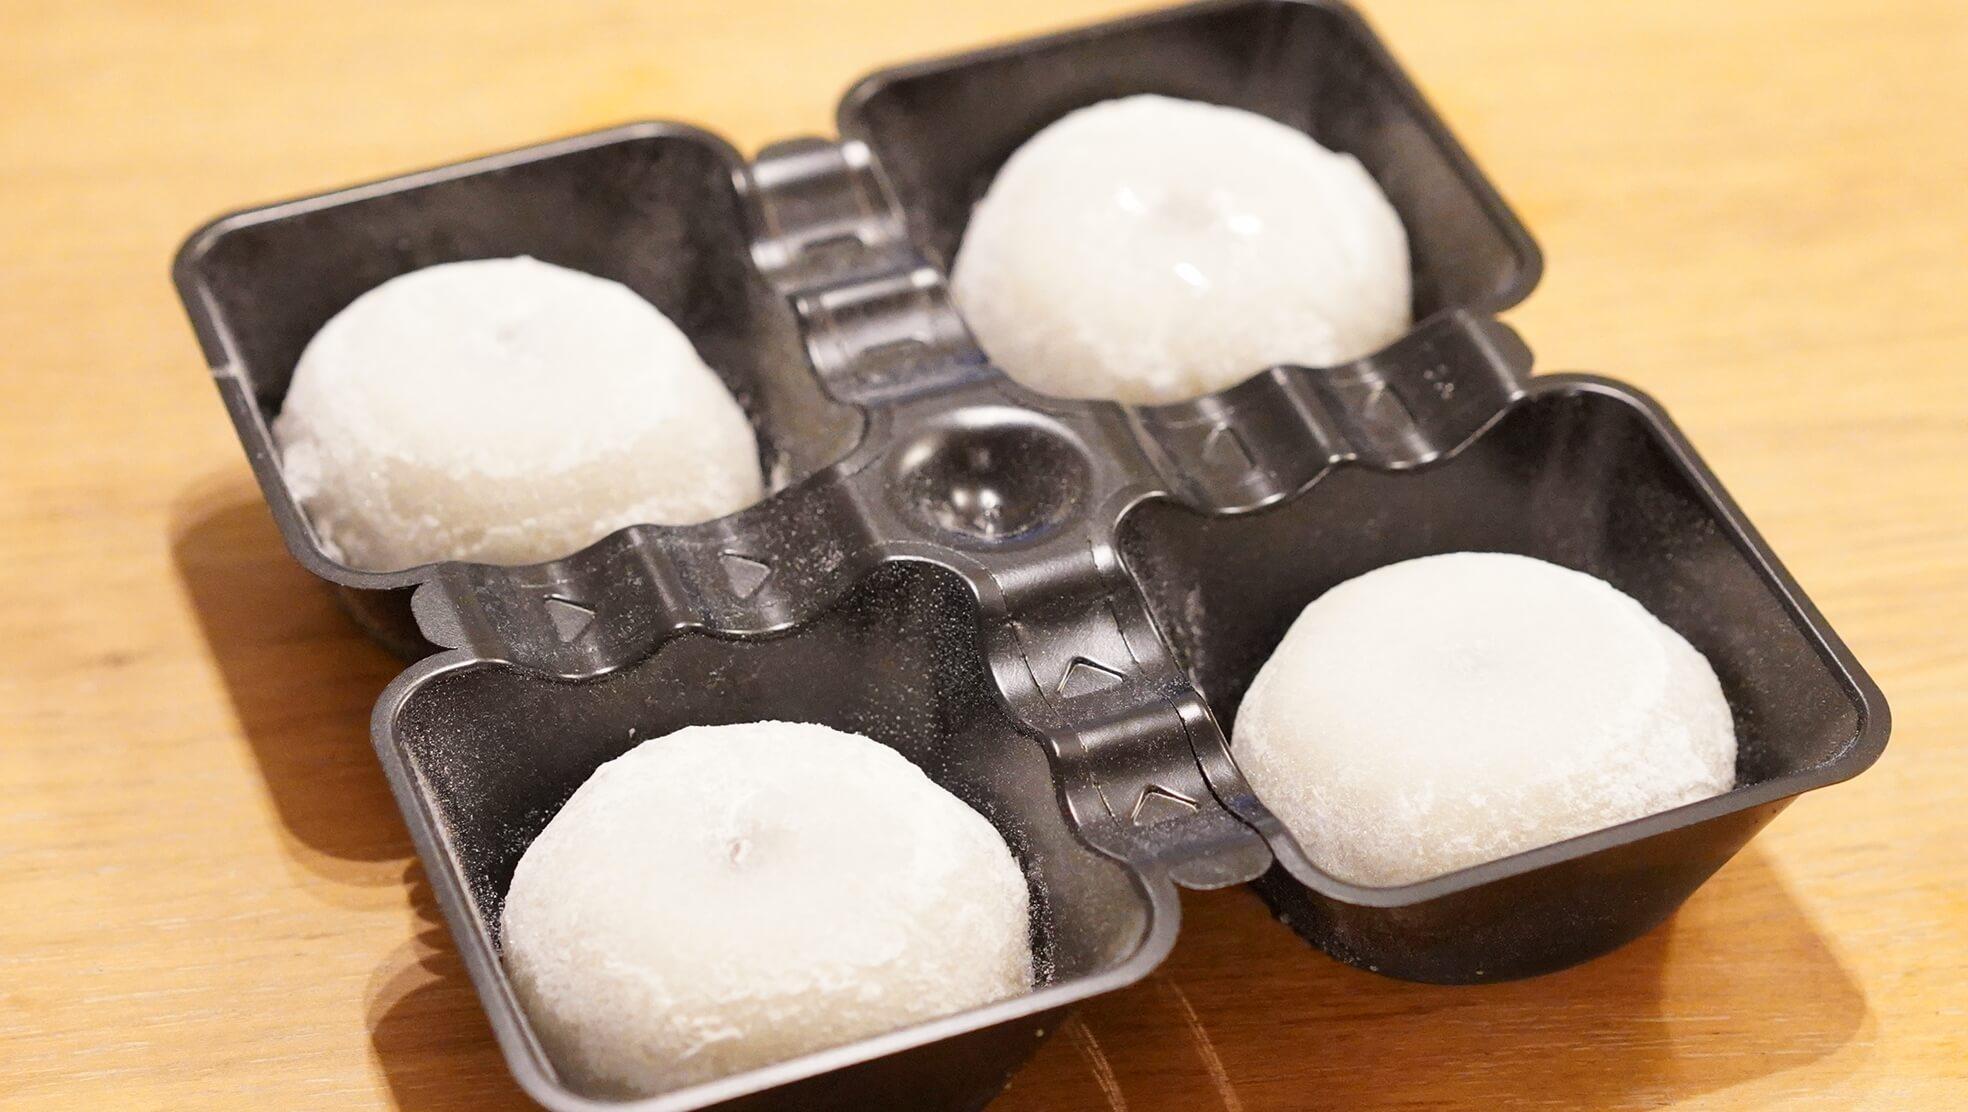 冷凍食品の和菓子スイーツ「井村屋謹製・大福」を上から撮影した写真